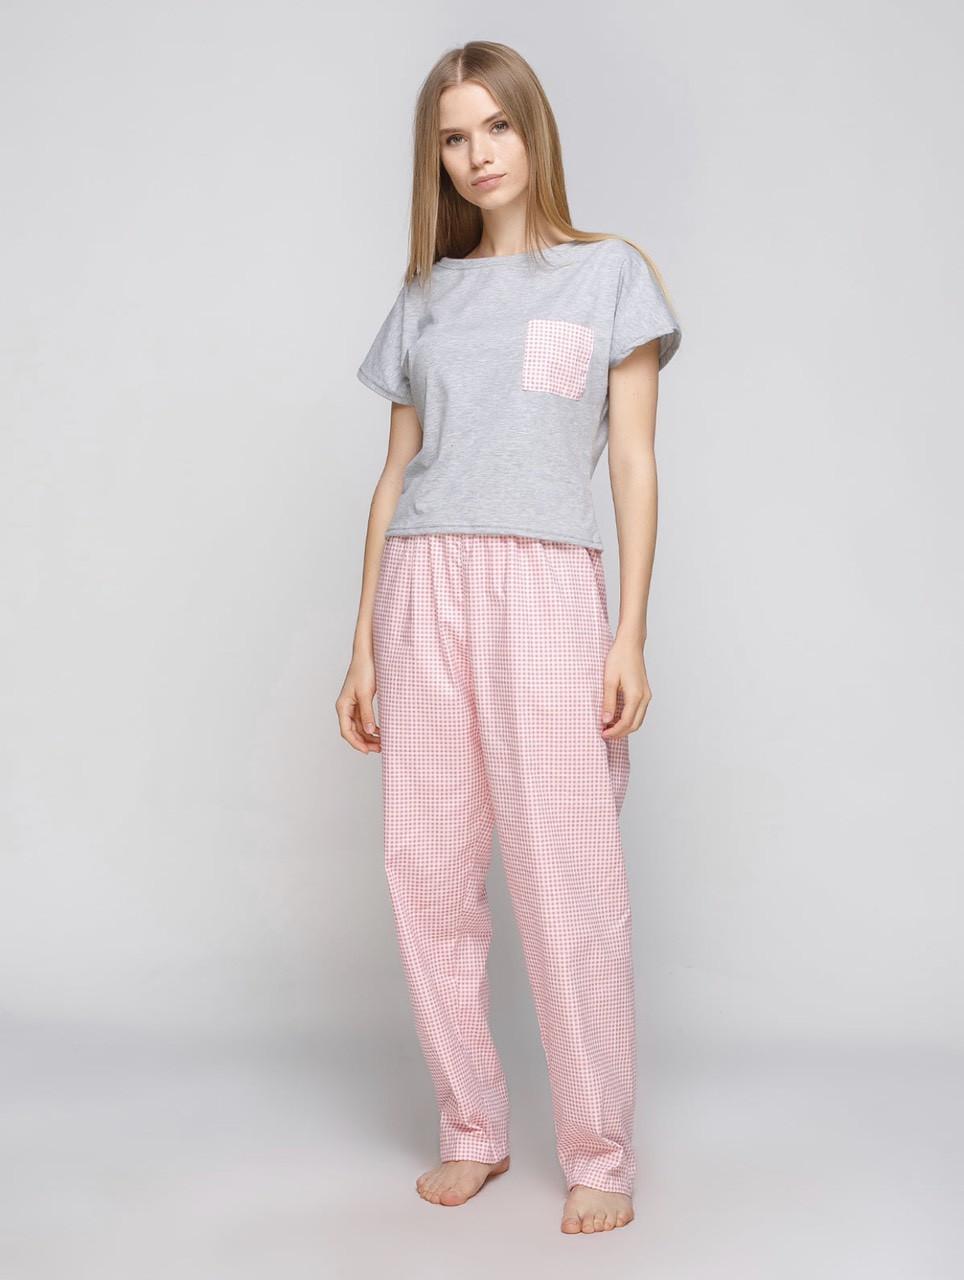 Комплект пижама женская розовая клетка (штаны + футболка)